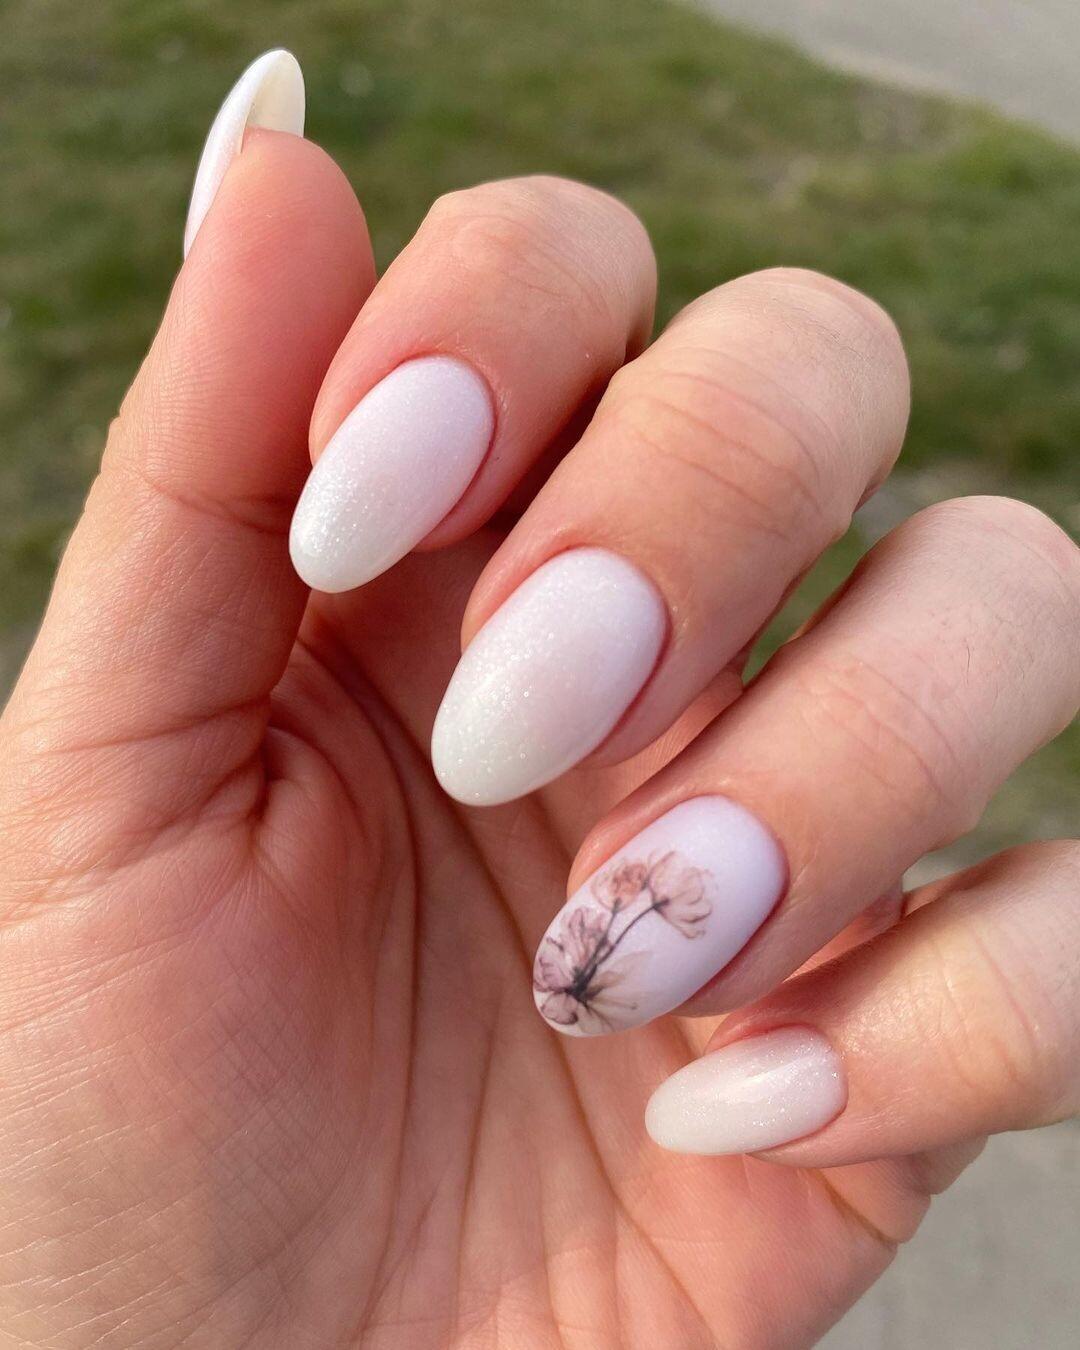 Fiber manicure